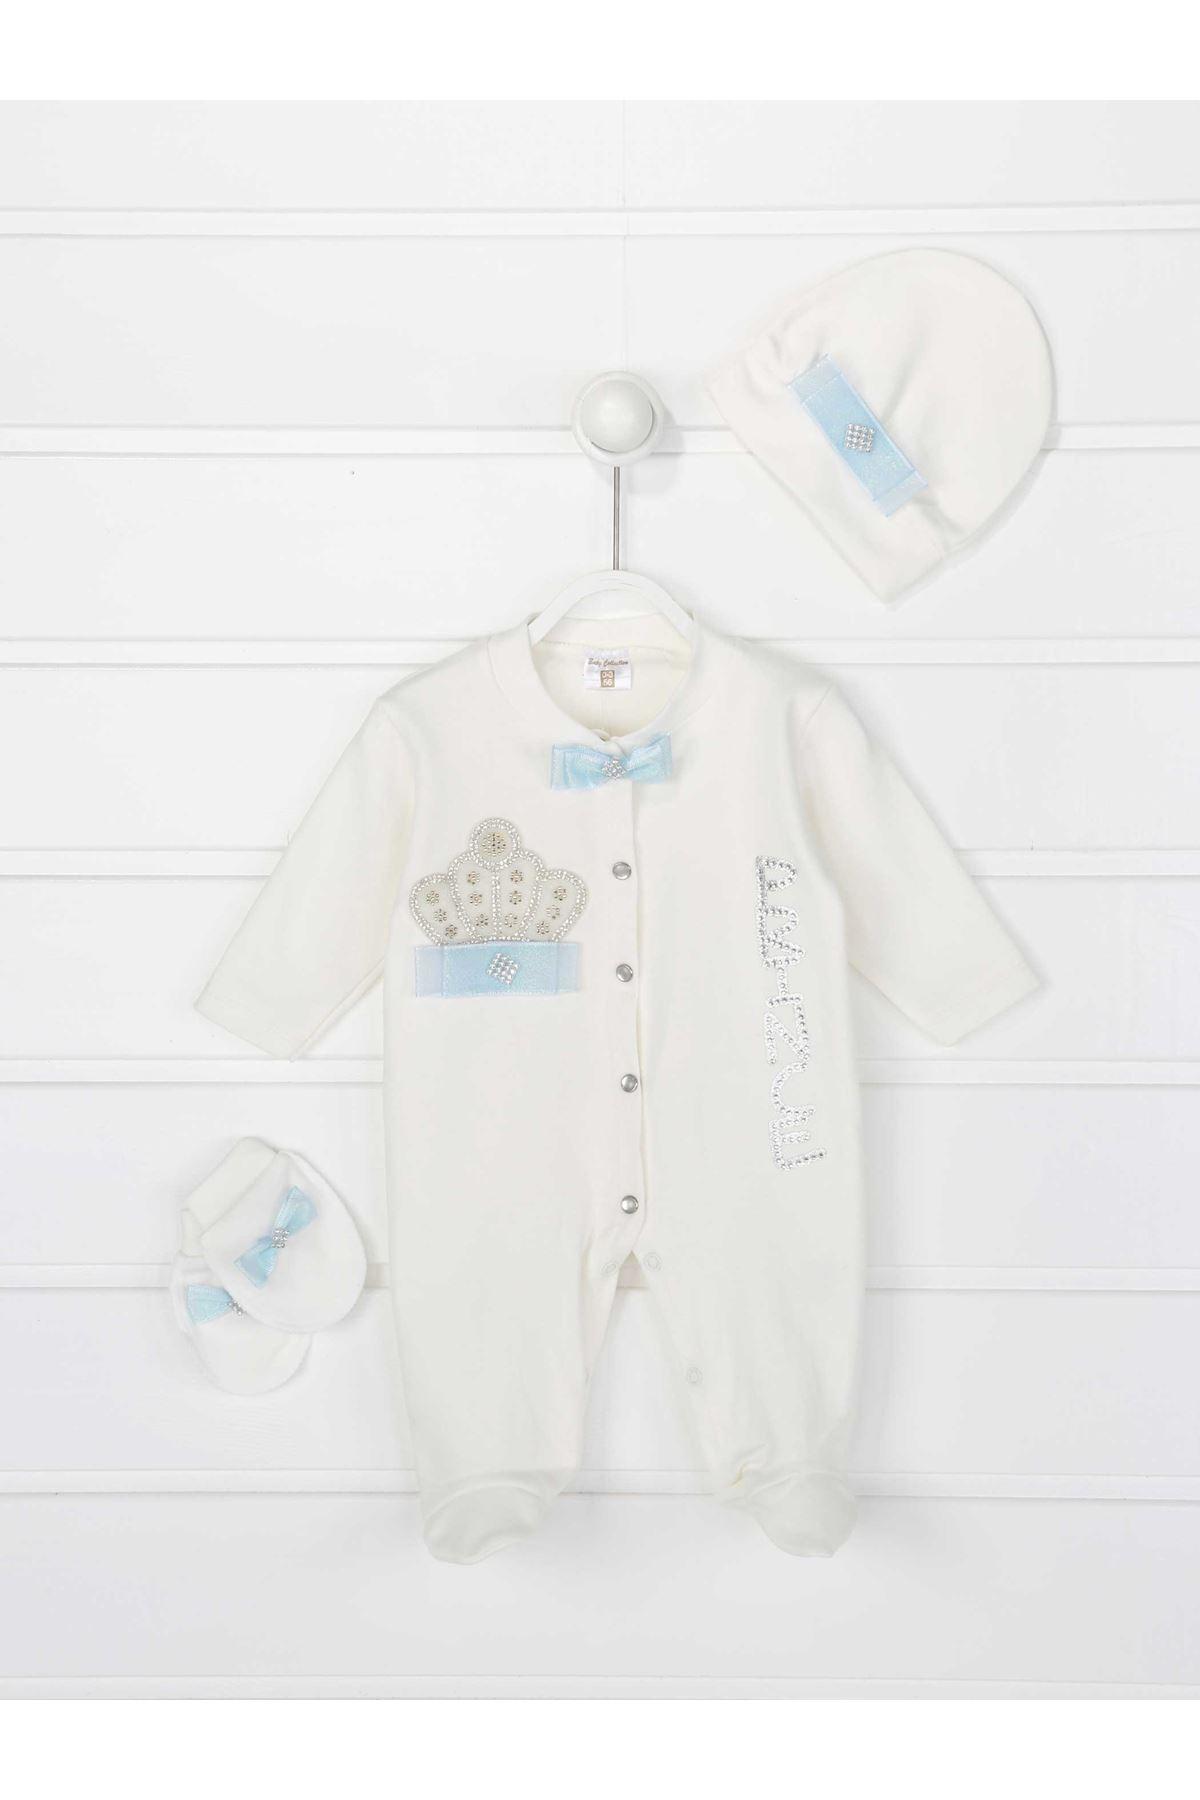 Mavi Kral Taçlı Prens  Erkek Bebek 3 lü Tulum